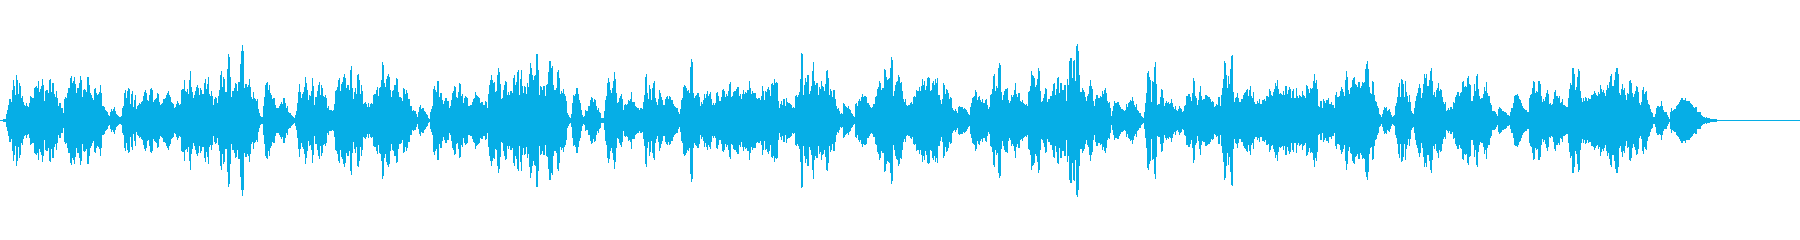 ブラームスのワルツをヴァイオリンソロでの再生済みの波形